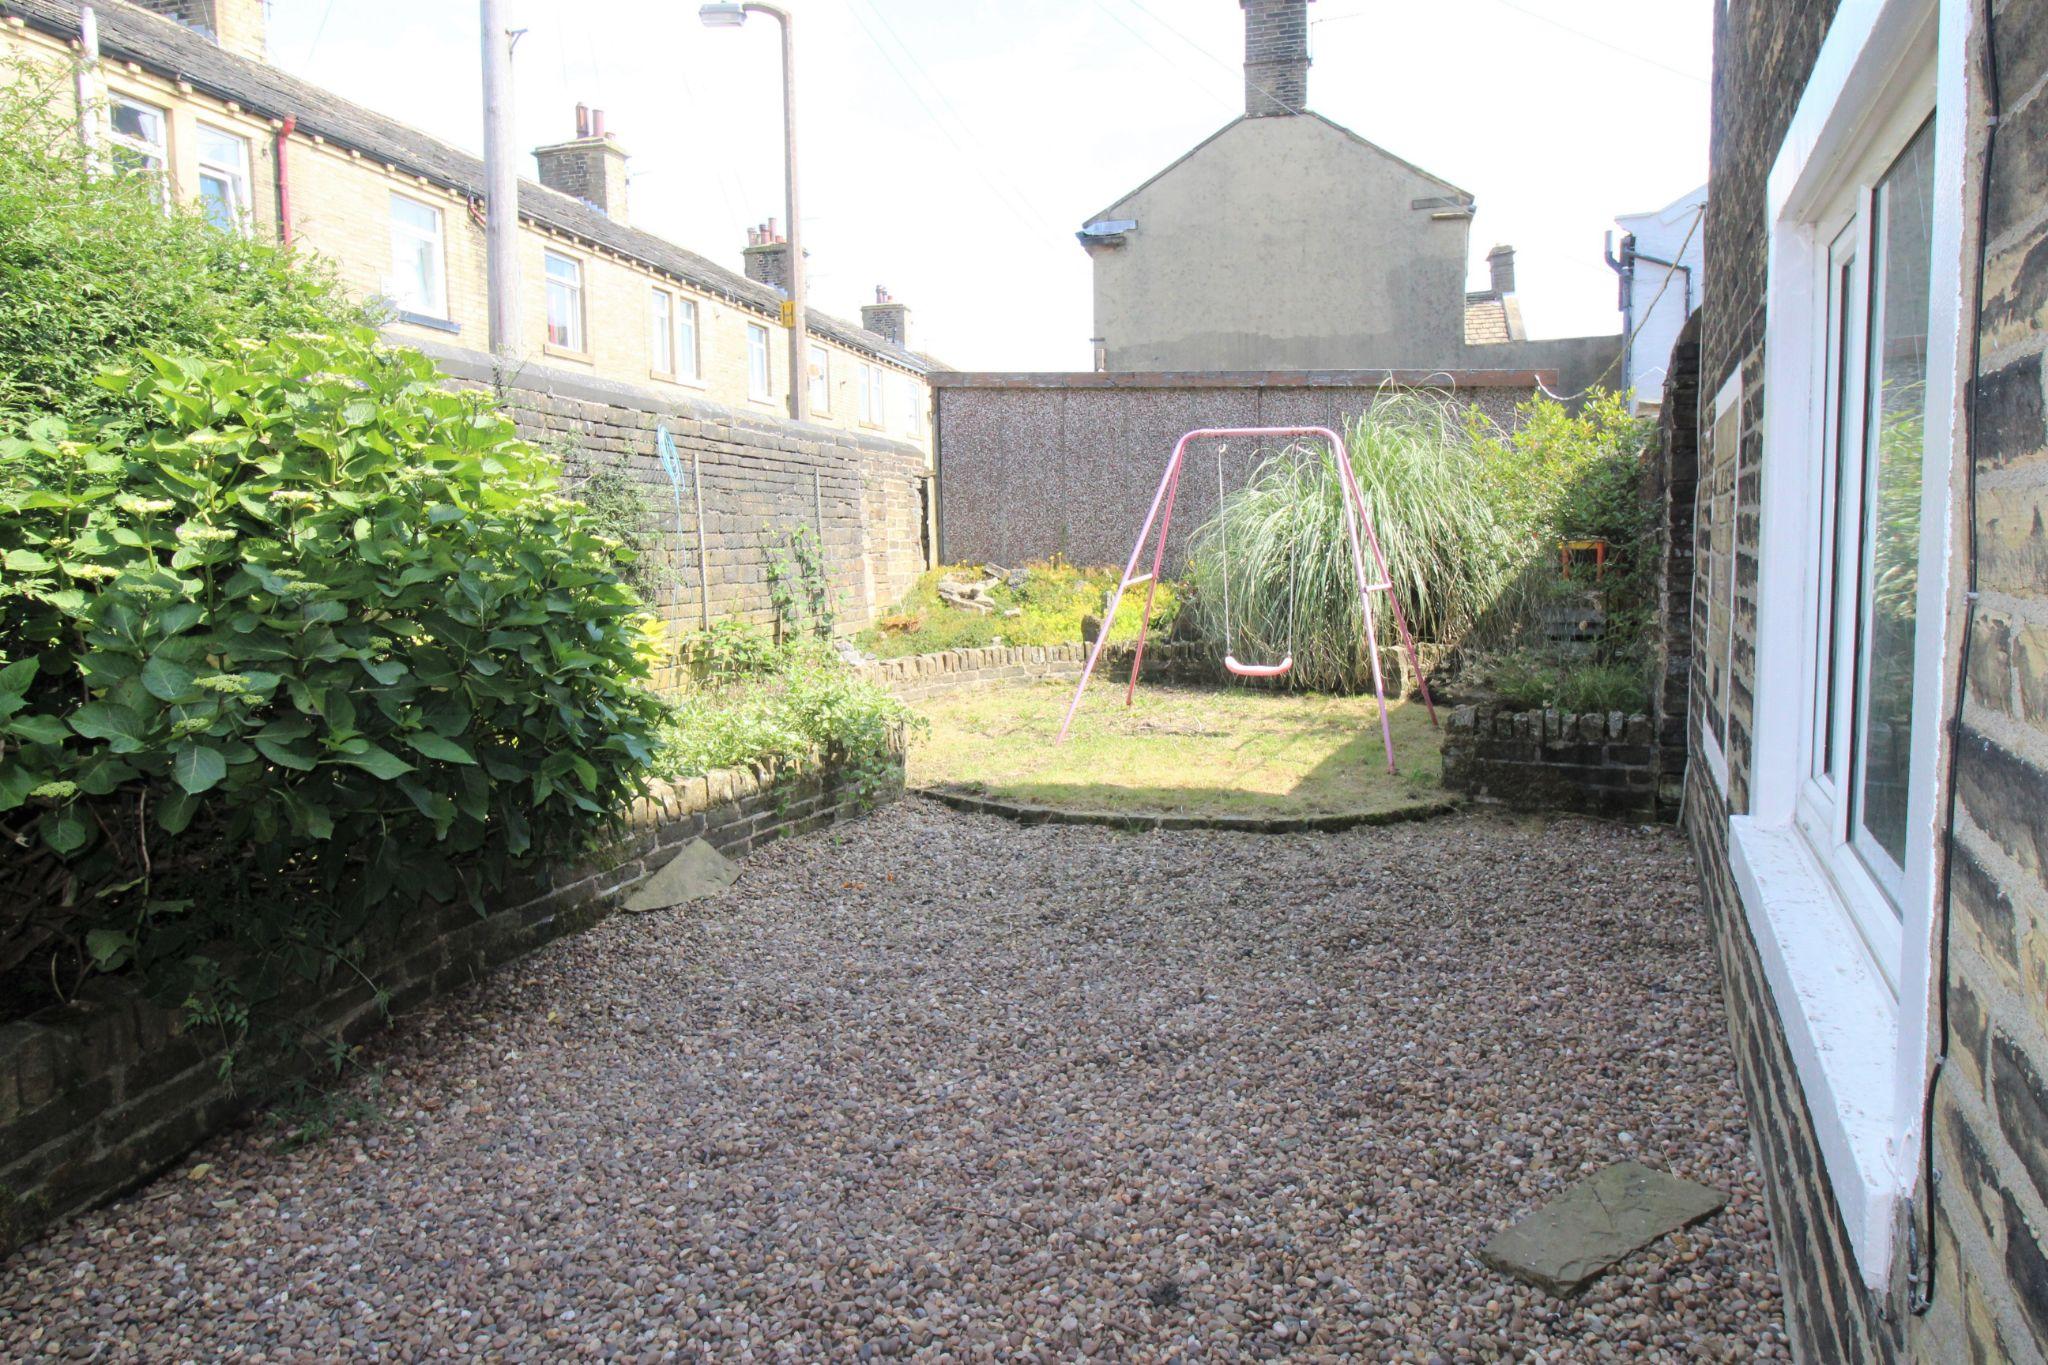 3 bedroom mid terraced house SSTC in Bradford - Rear garden